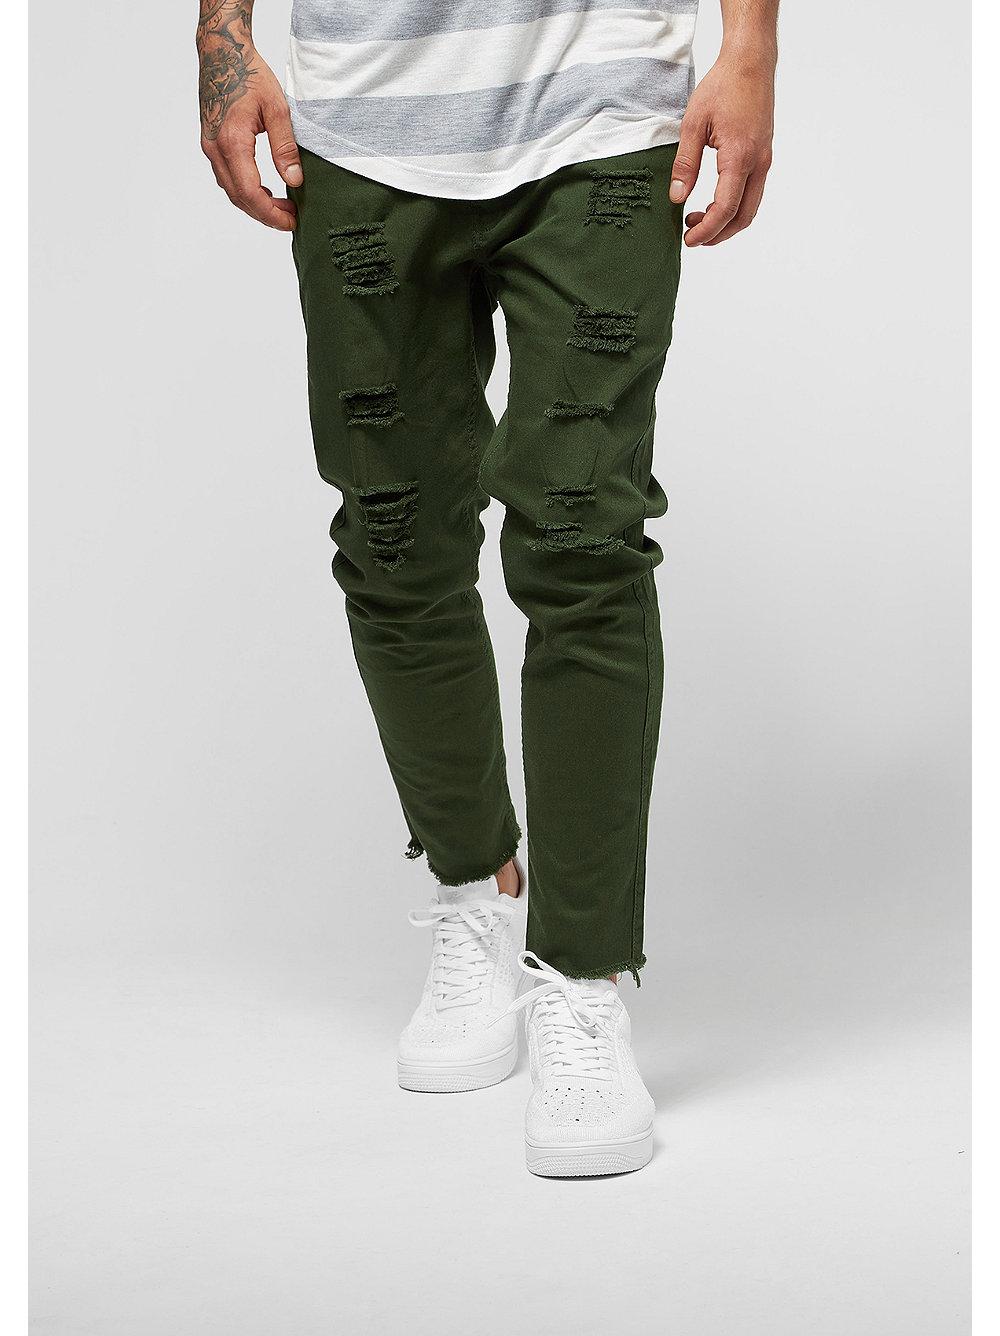 Moss online shopping